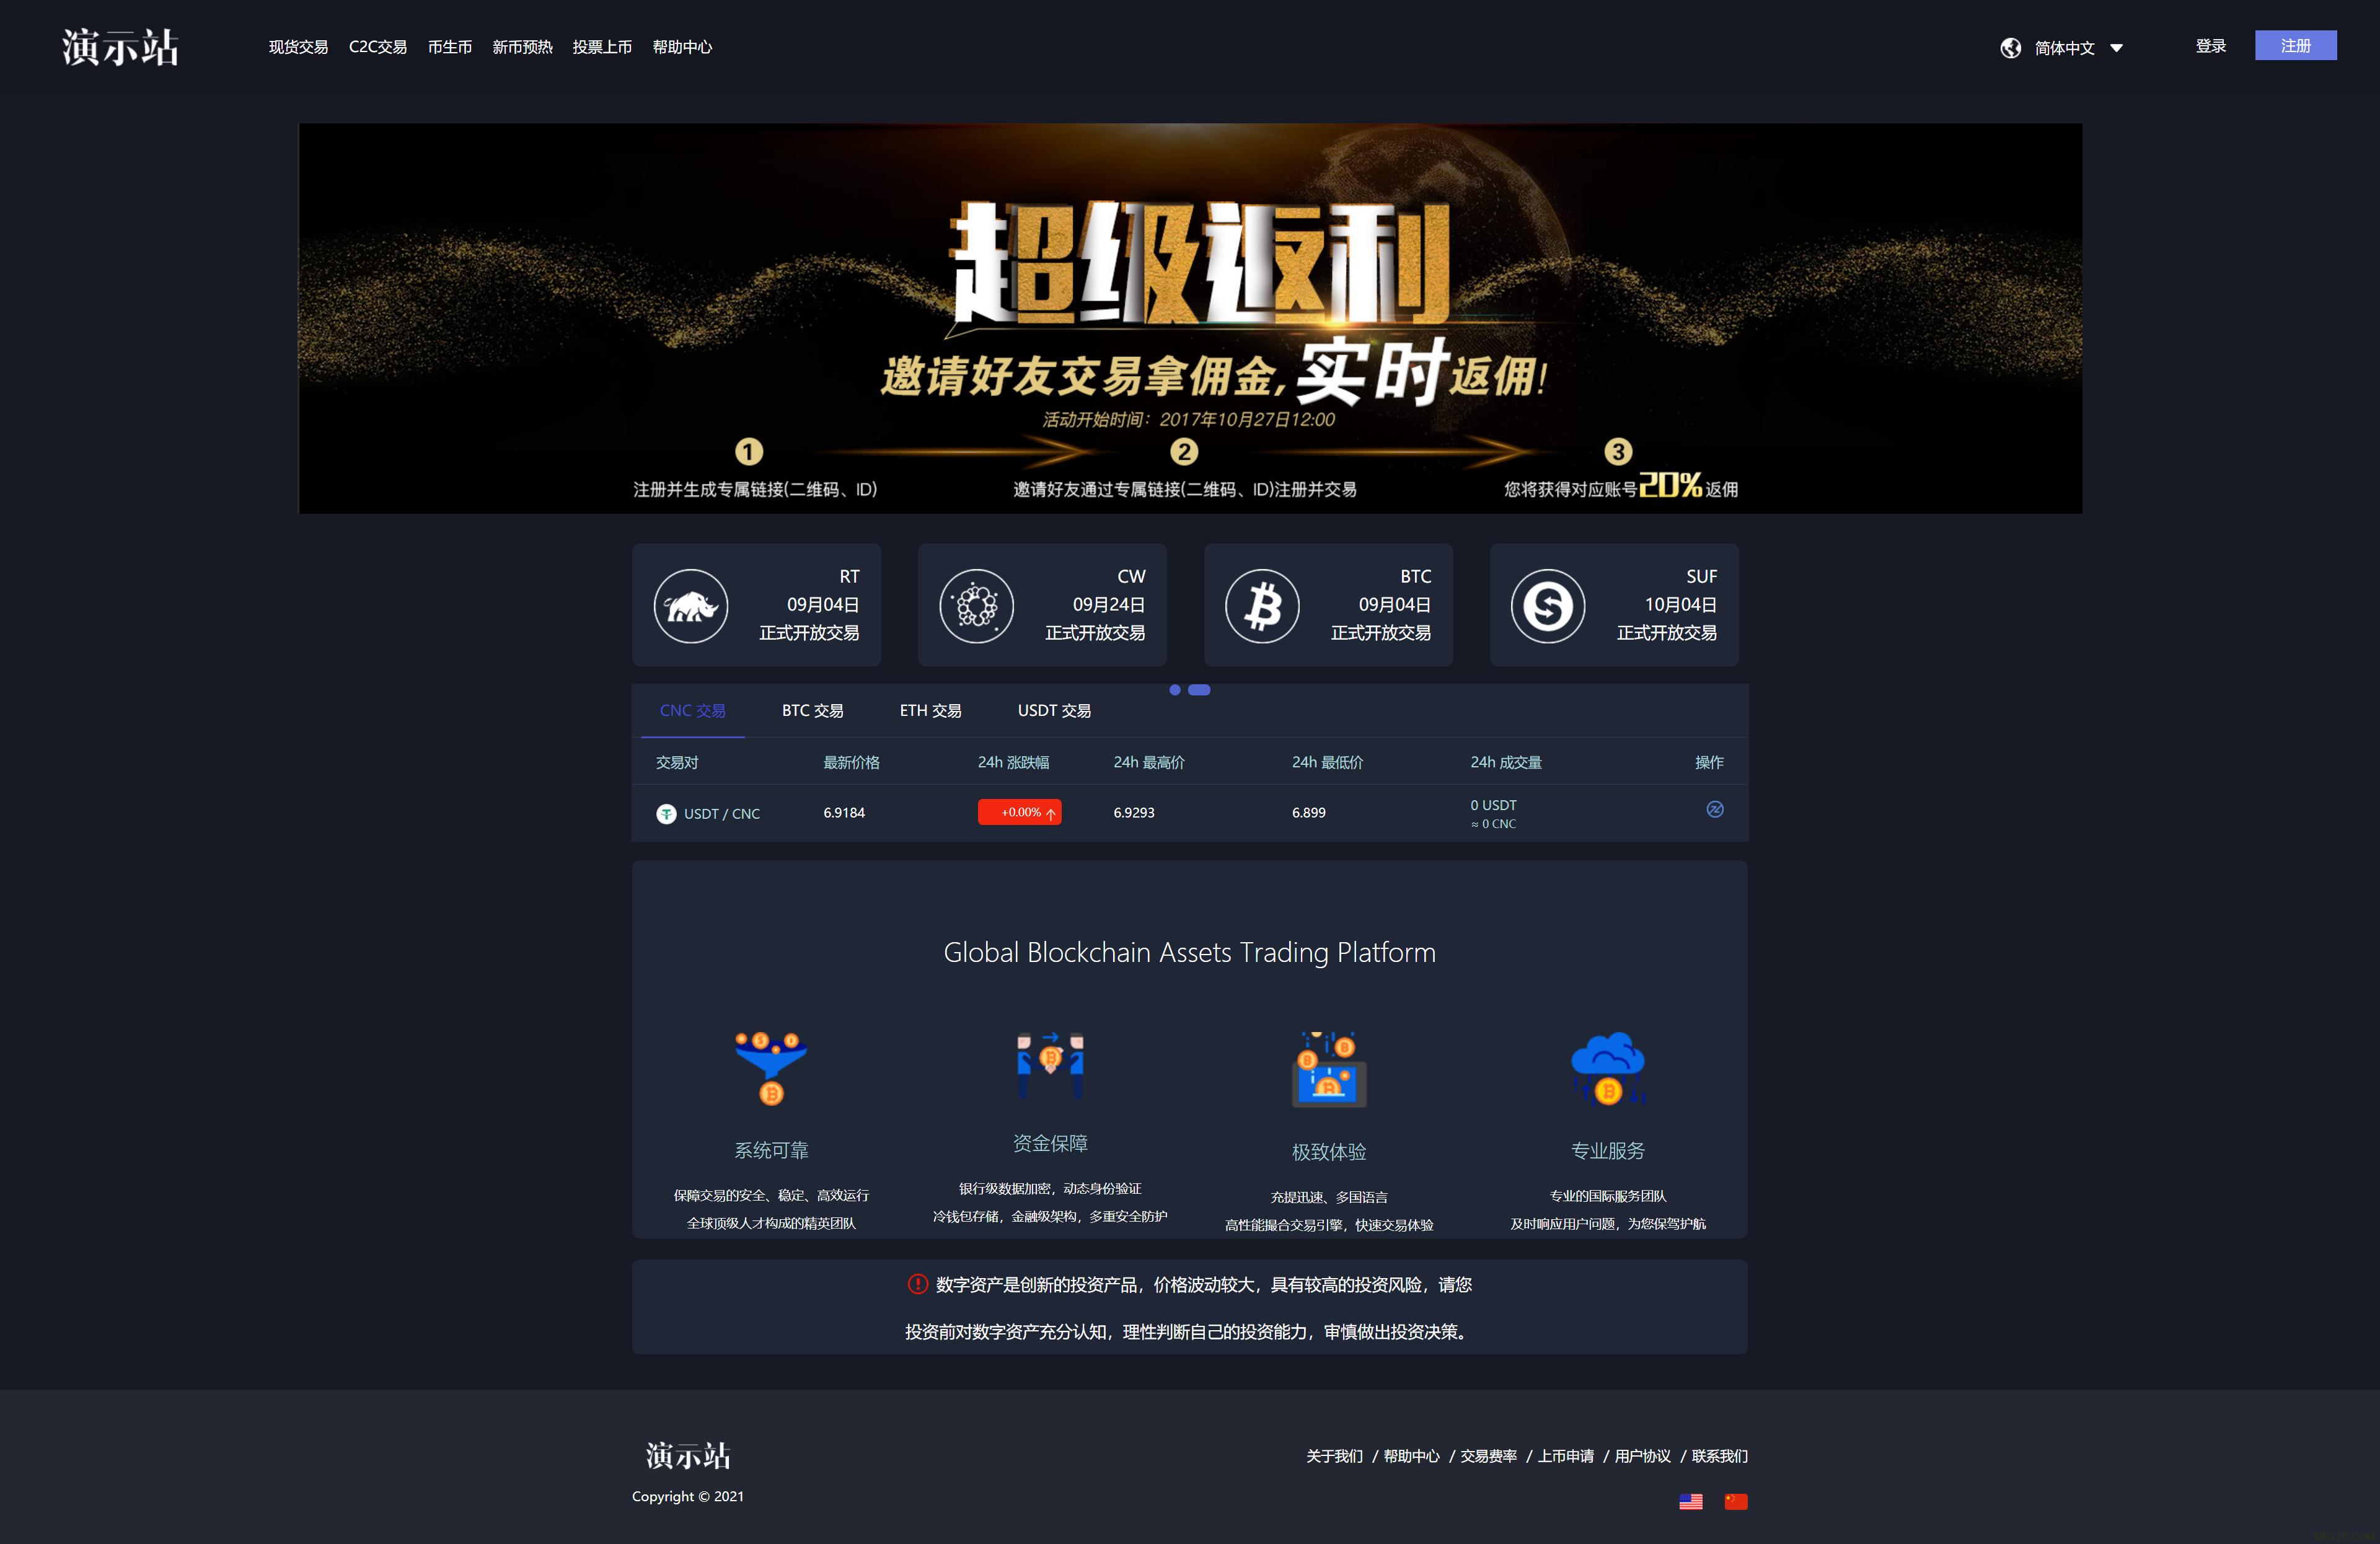 仿火币虚拟数字货币交易所源码 btc/otc/币币交易区块链 带充值